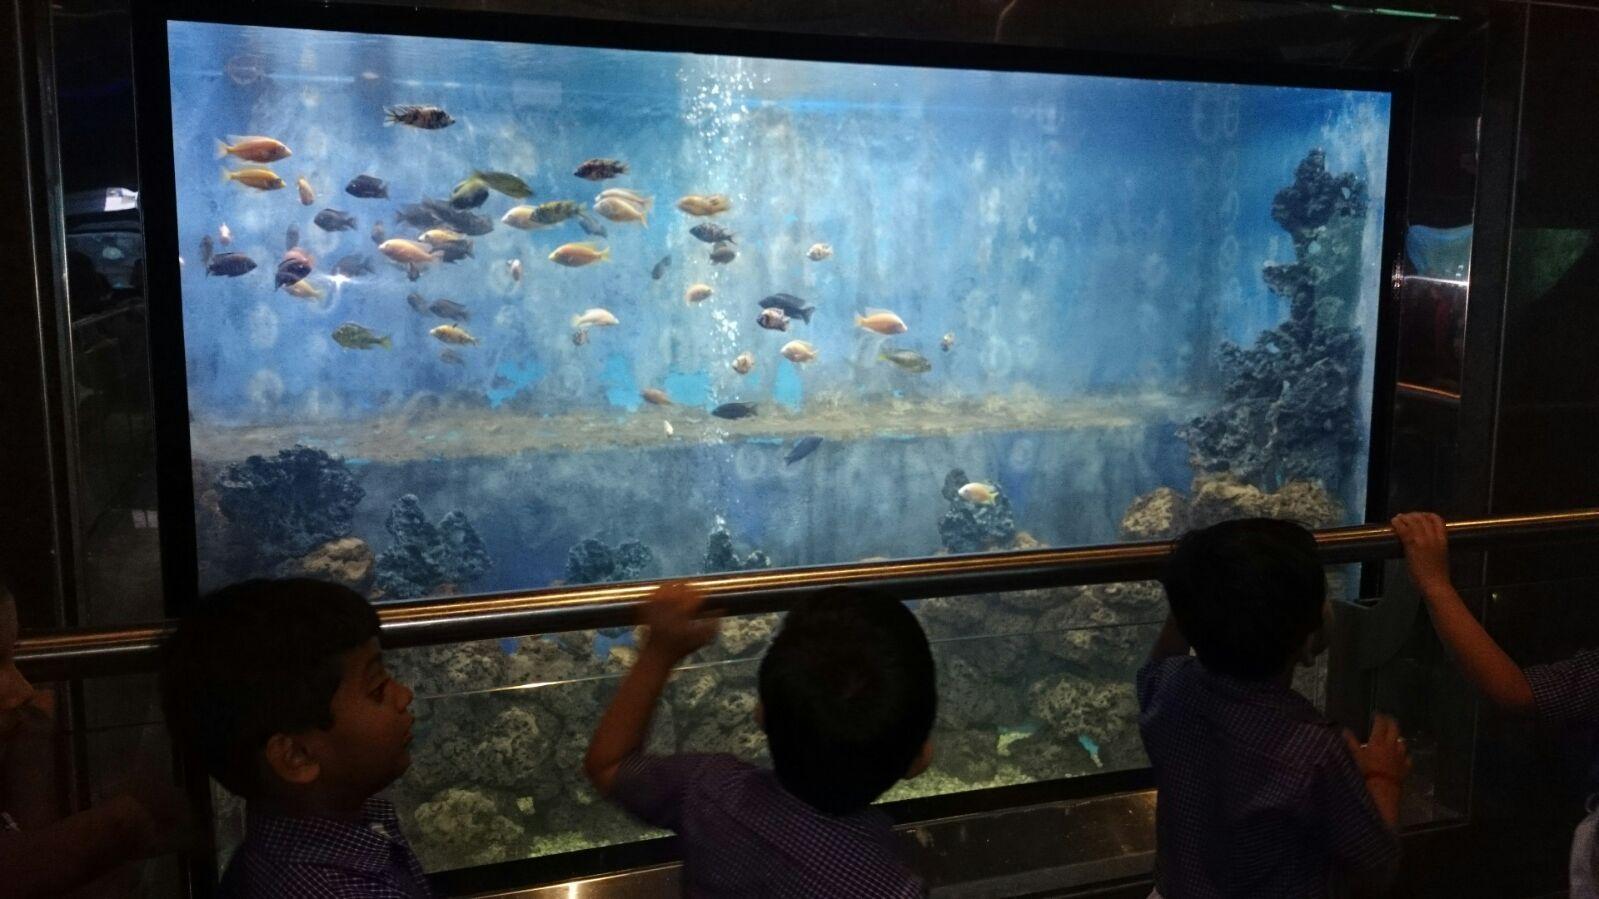 Fish aquarium tarapur - Taraporevala Aquarium